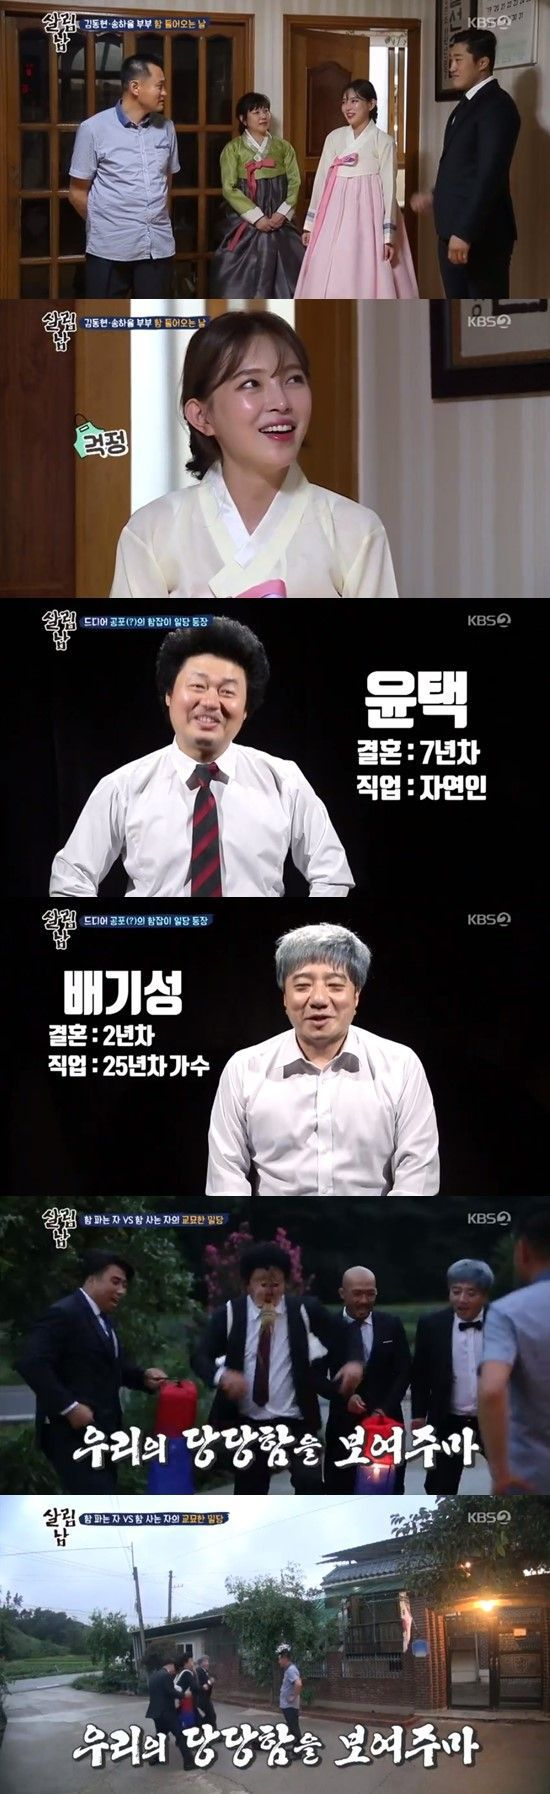 사진=KBS 2TV '살림하는 남자들 시즌2' 화면 캡처